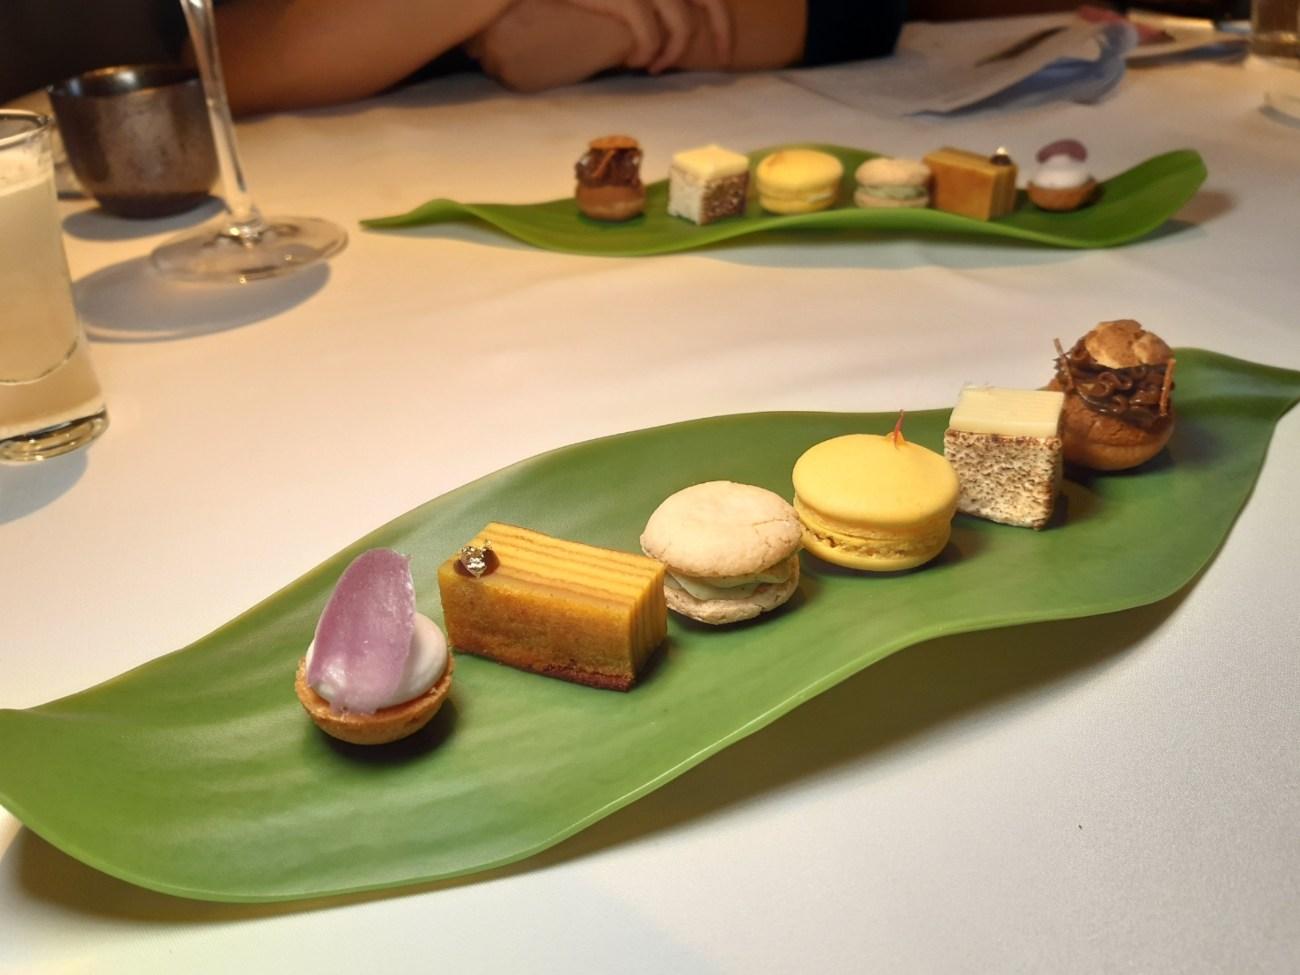 甜點最後六個小茶點,由左而右分別為:芋頭塔、麵茶叻沙達克瓦茲、Rojaka 馬卡龍、千層蛋糕(Kueh Lapis)、棉花糖與泡芙。其中 Rojak 馬卡龍、千層蛋糕與棉花糖是 Una 的創作,其他則出自 Angela 之手。(謝明玲攝)